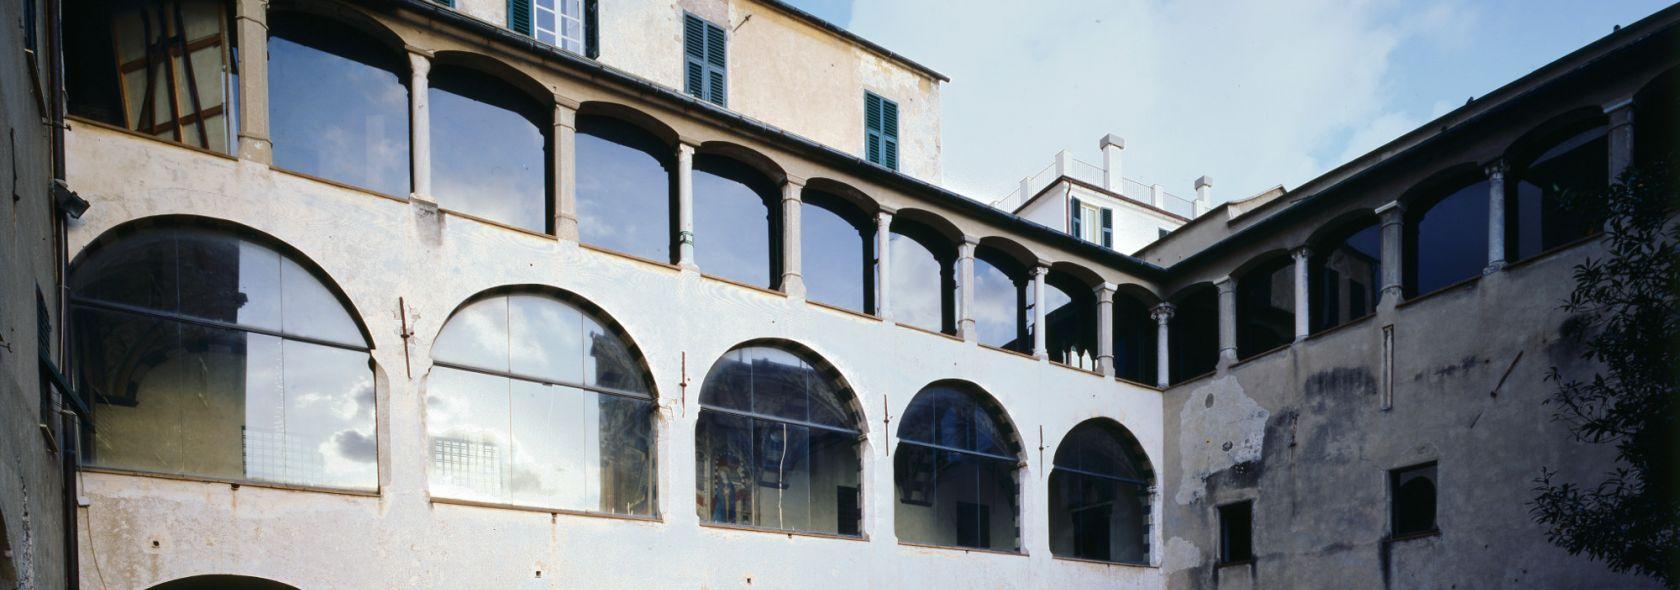 Secondo chiostro - ©Archivio Scala